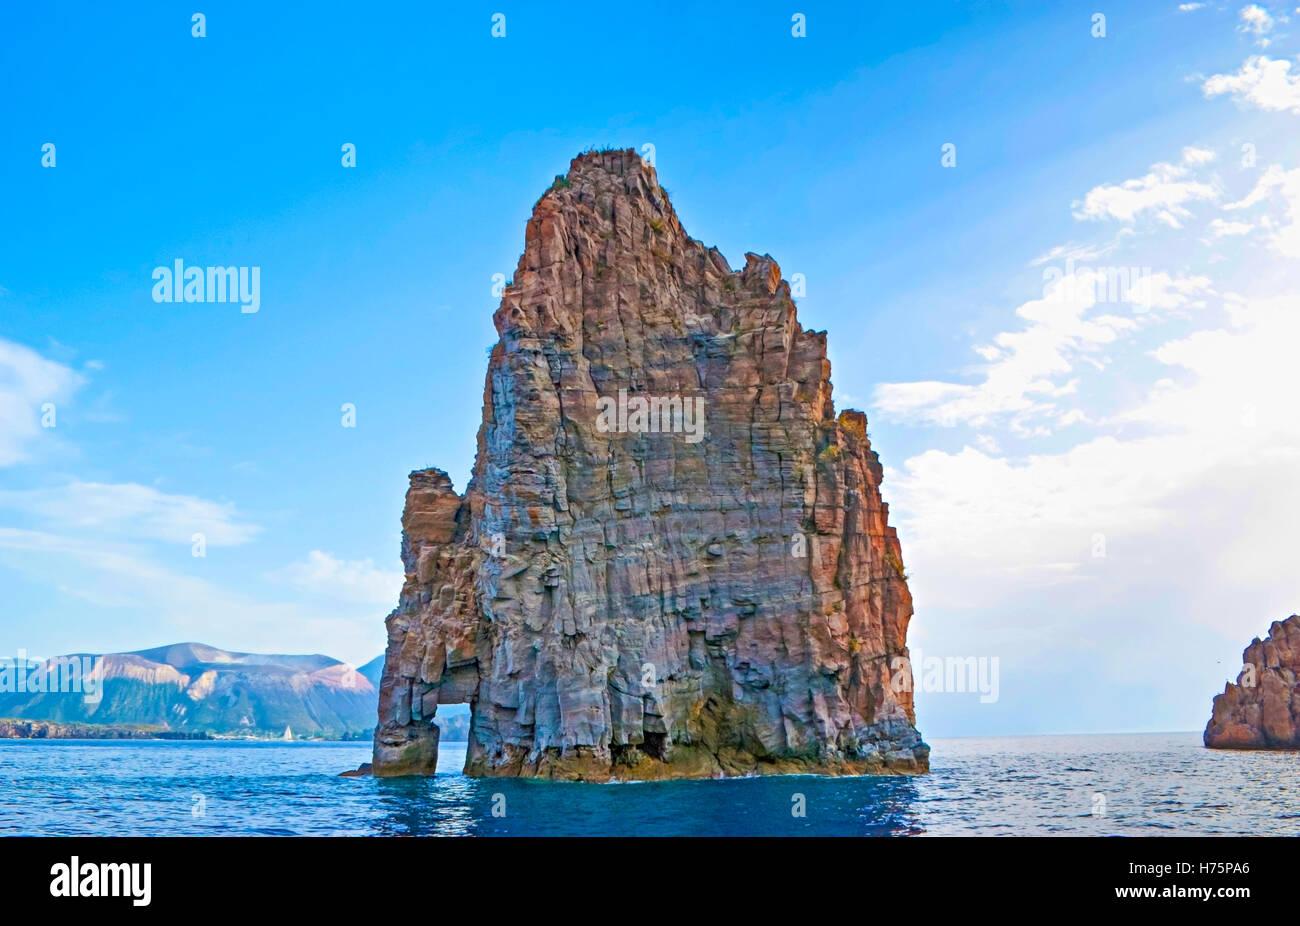 La Scenic rock individua tra Lipari e Vulcano isole e fare riferimento alla formazione di nome Faraglioni, Italia Immagini Stock